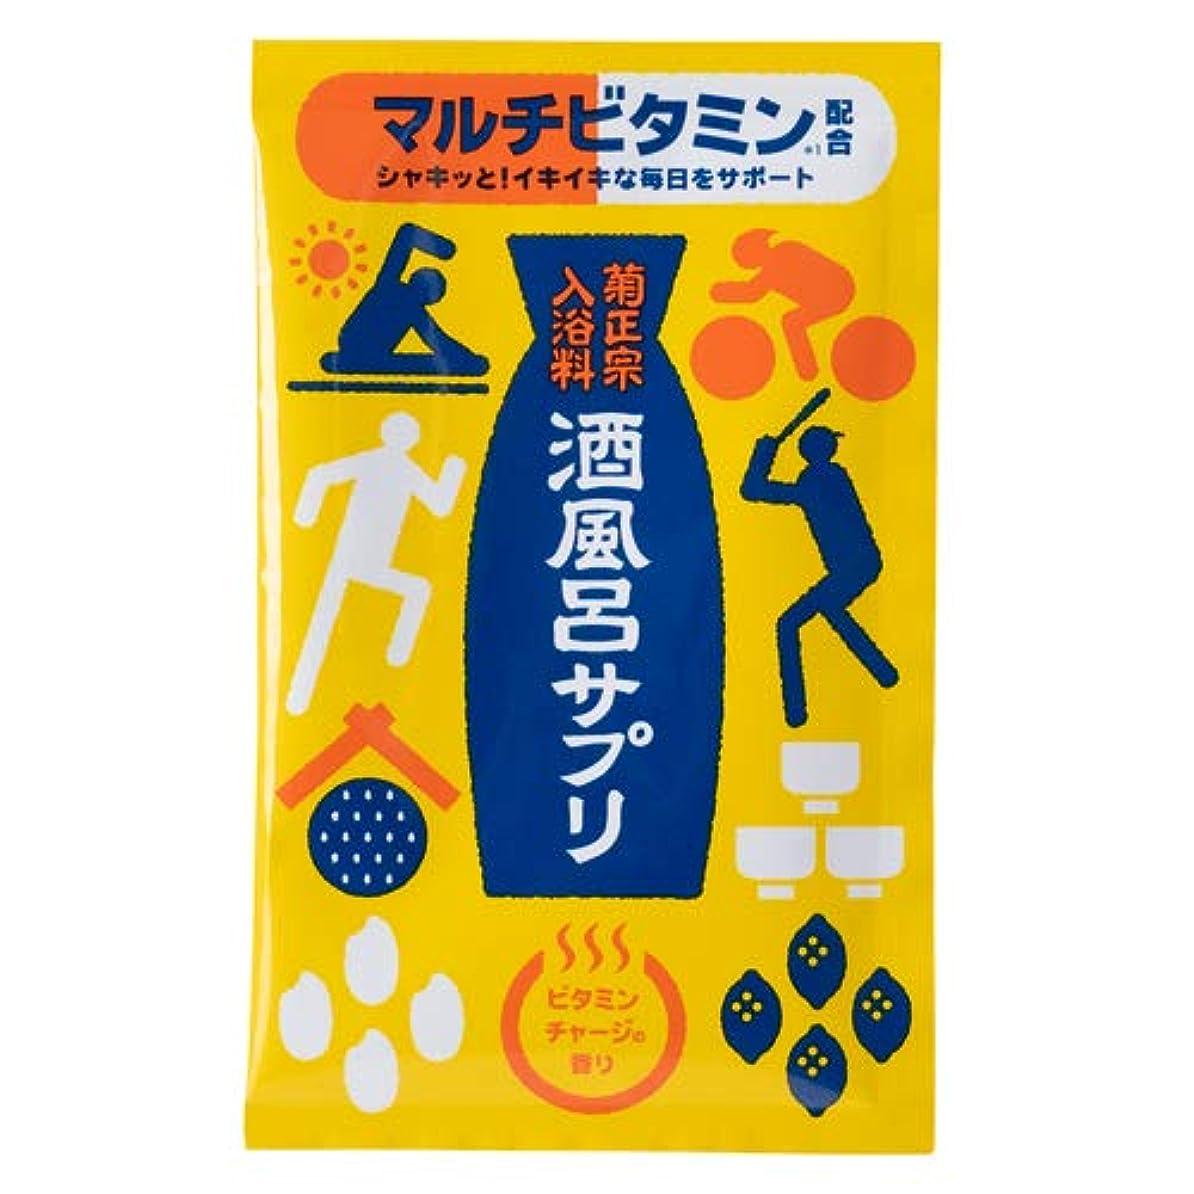 違法会う薄める菊正宗 入浴料 酒風呂サプリ マルチビタミン